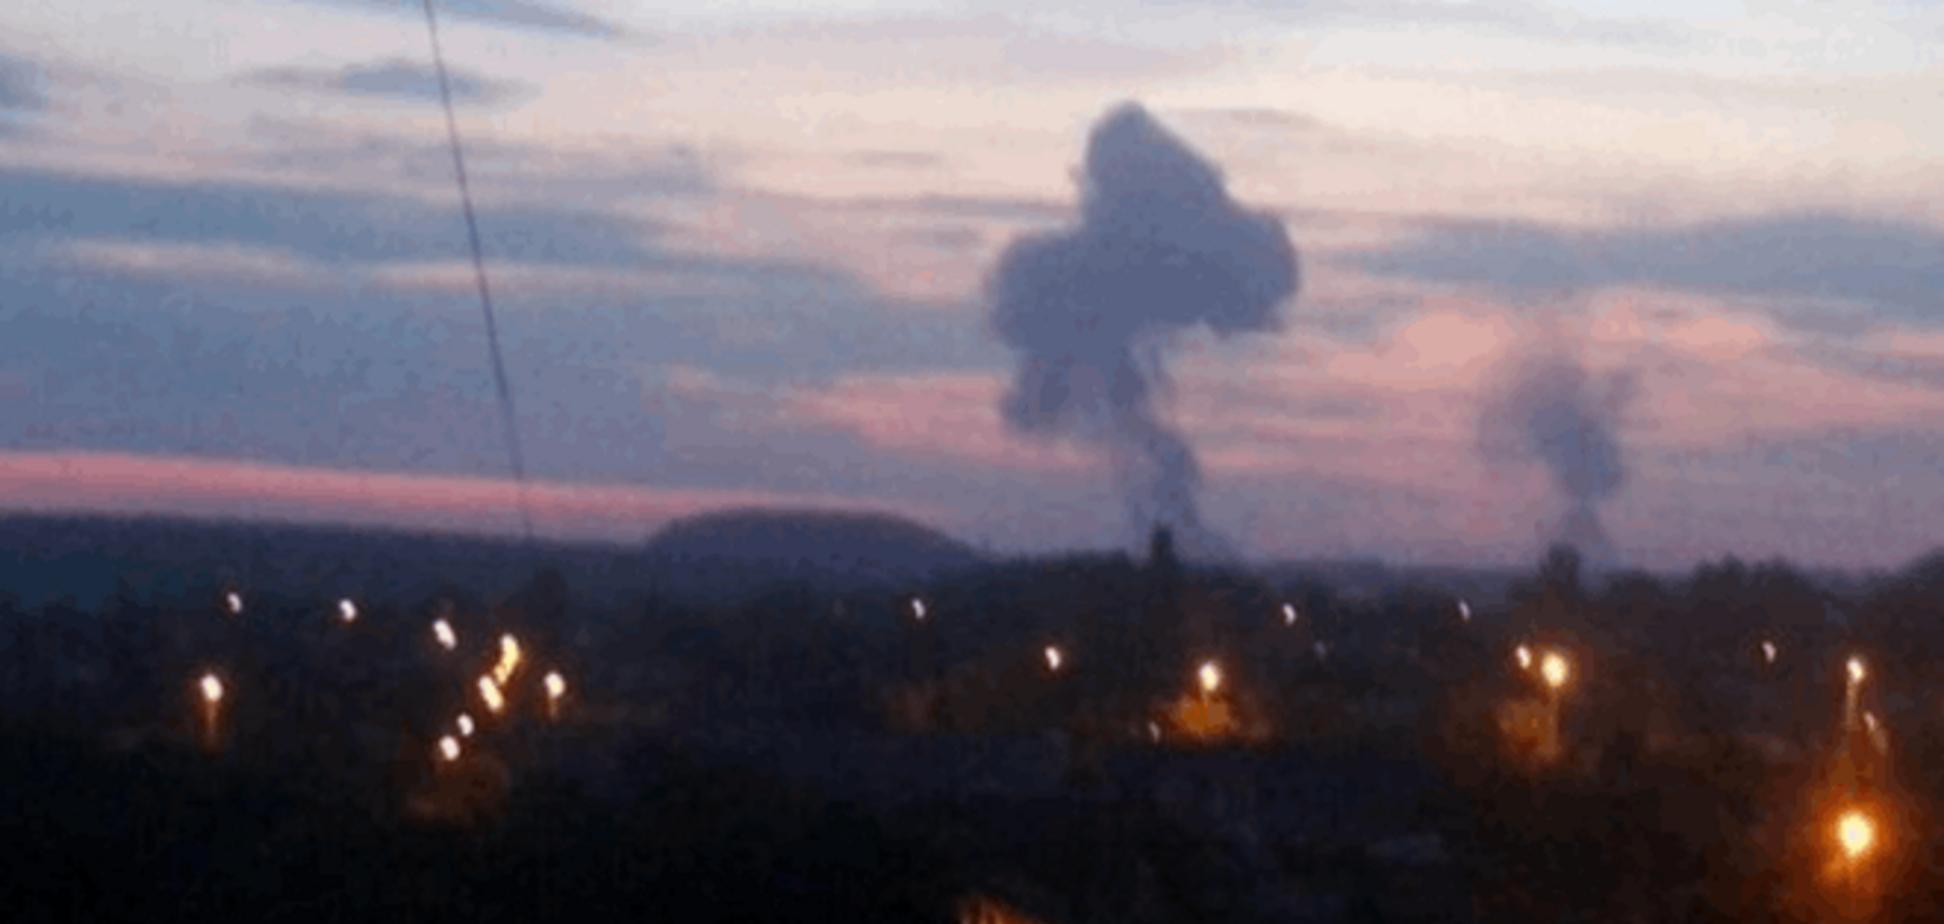 В Донецке рванул завод химизделий - очевидцы. Опубликованы фото и видео